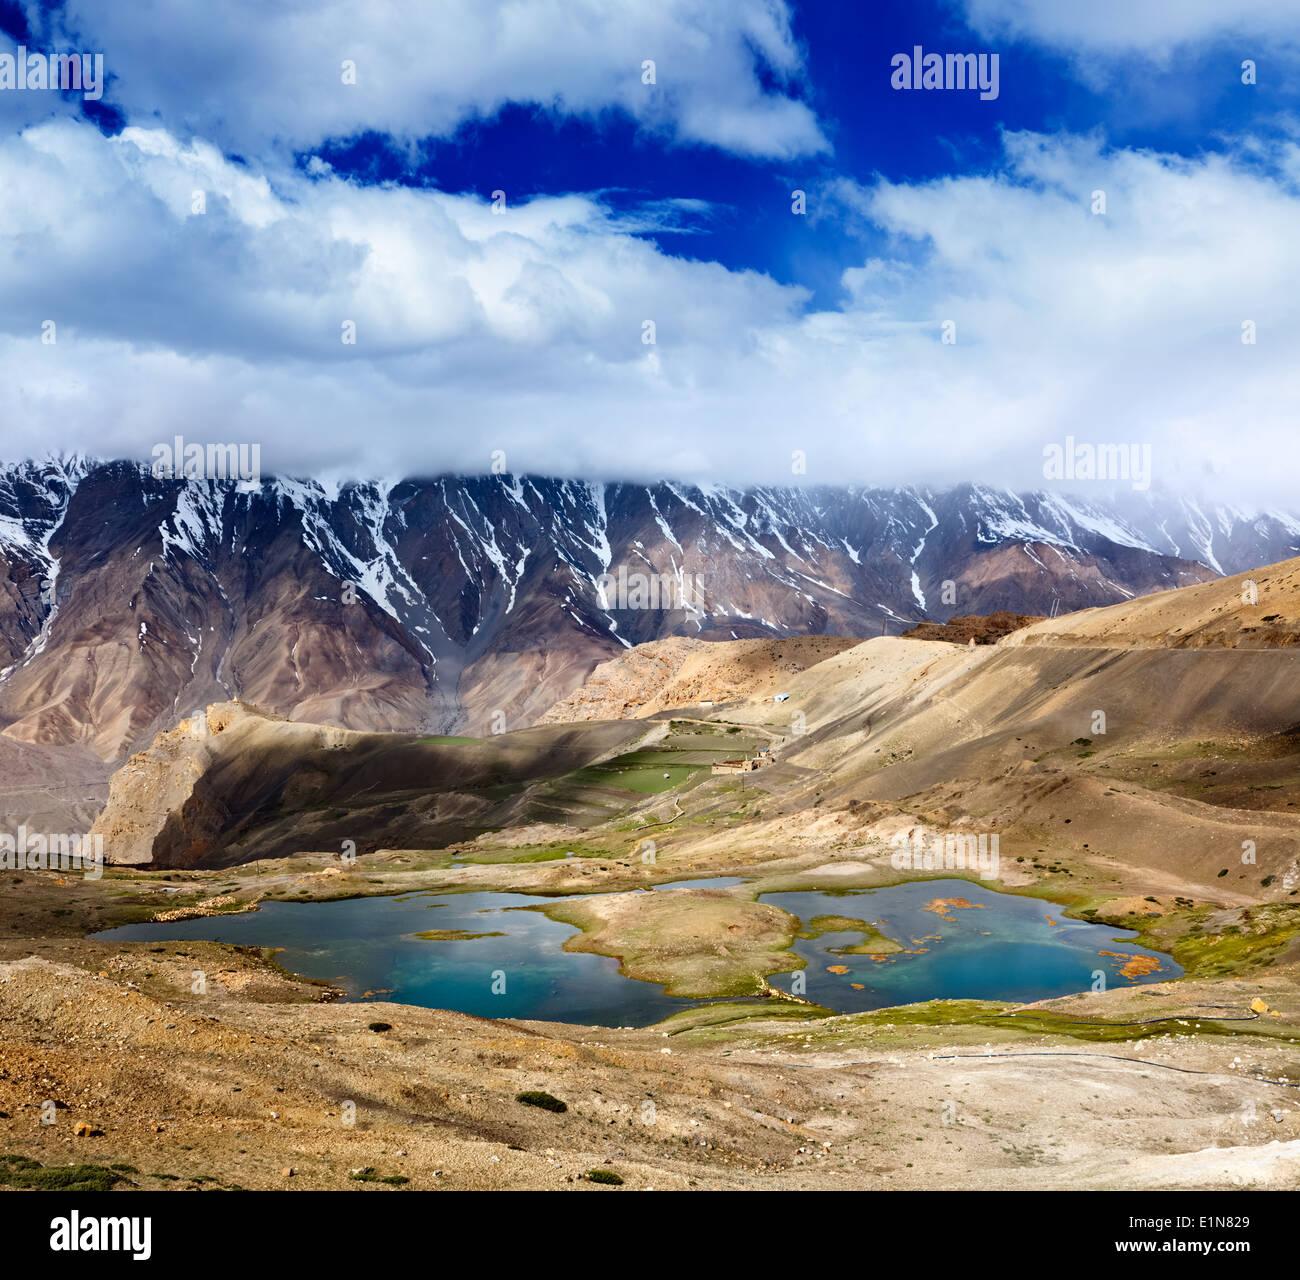 Vintage retro-Effekt gefilterte Hipster Stil reisen Bild der Bergseen im Spiti-Tal im Himalaya. Himachal Pradesh, Indien Stockbild